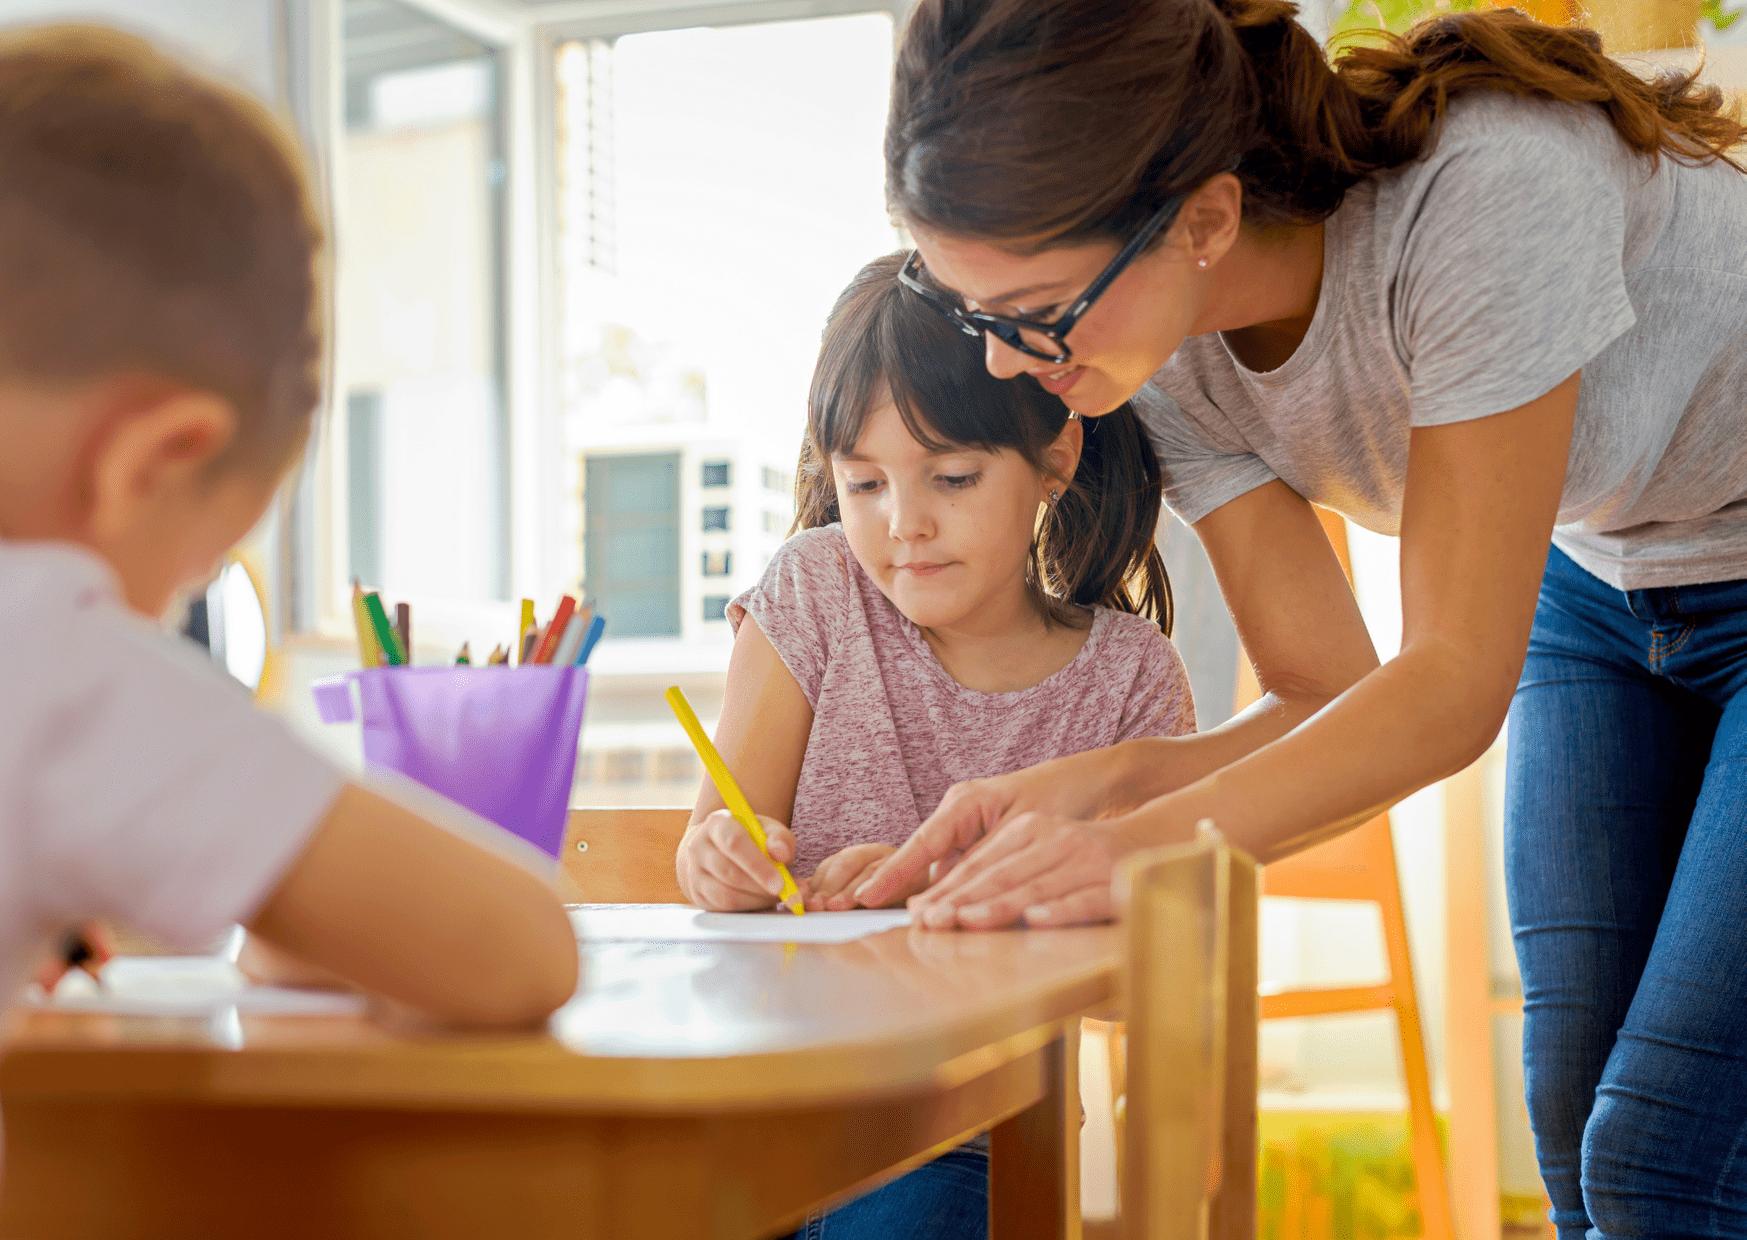 teacher career choices